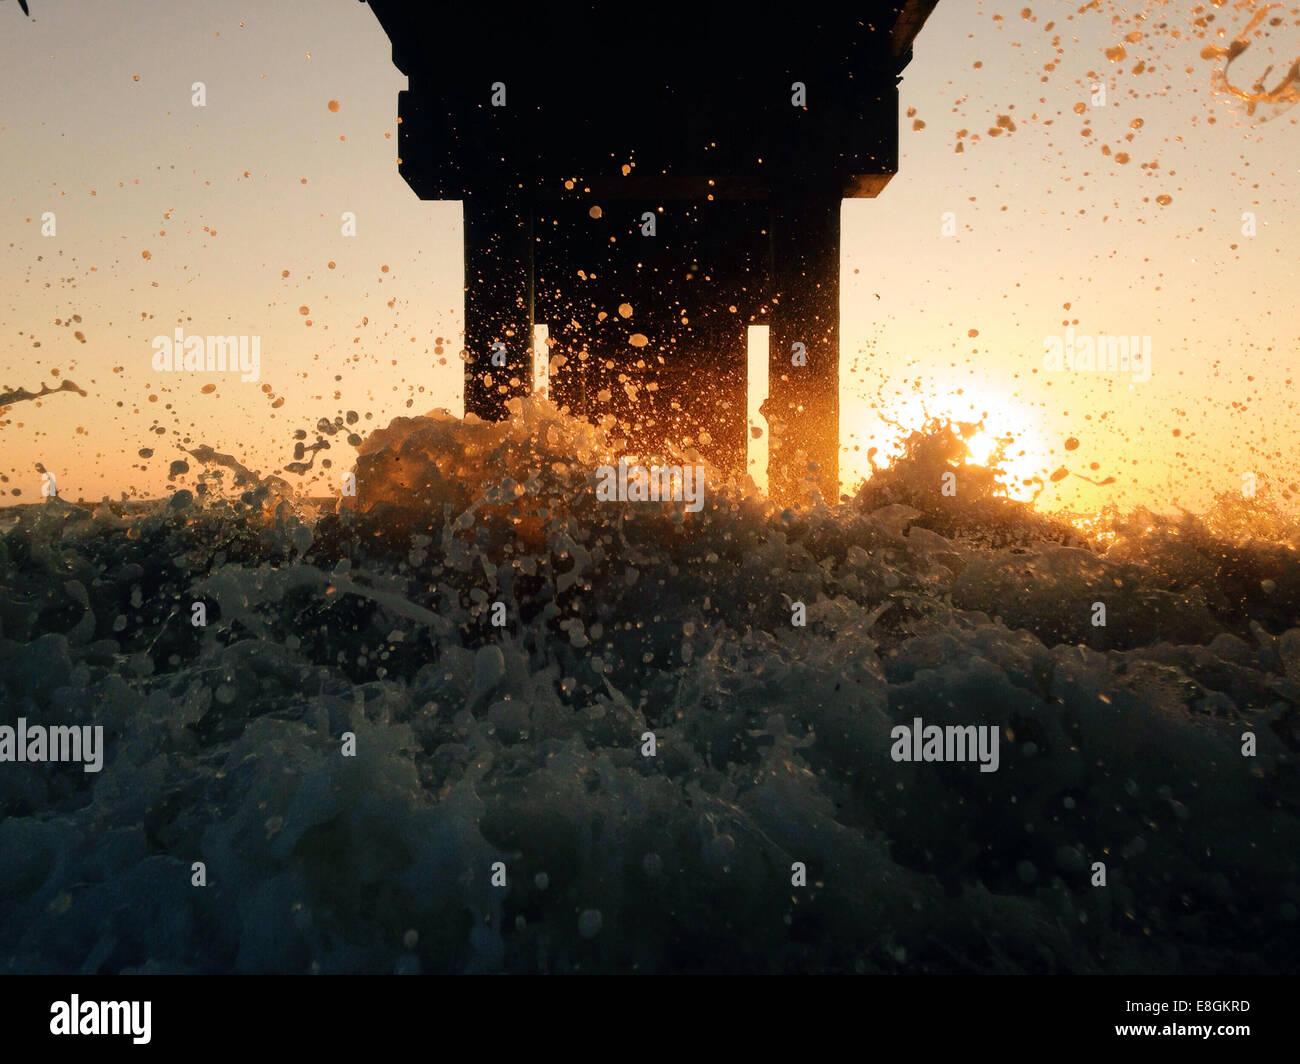 Estados Unidos, la Florida, la playa de San Agustín, amanecer en el muelle con salpicaduras y sun flare Imagen De Stock